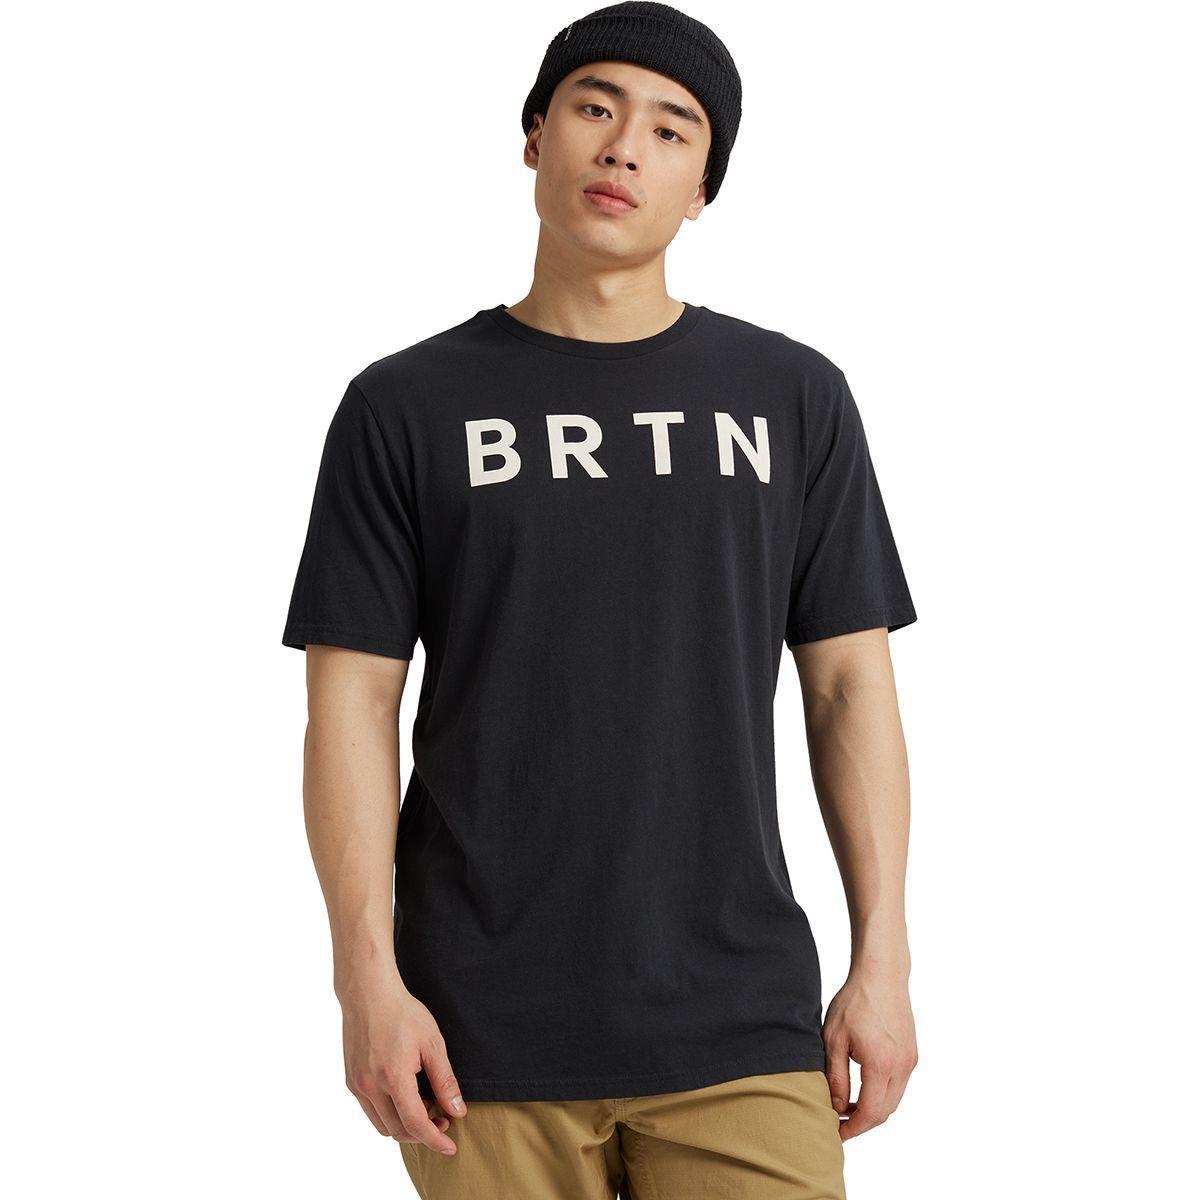 BRTN T-Shirt - Men